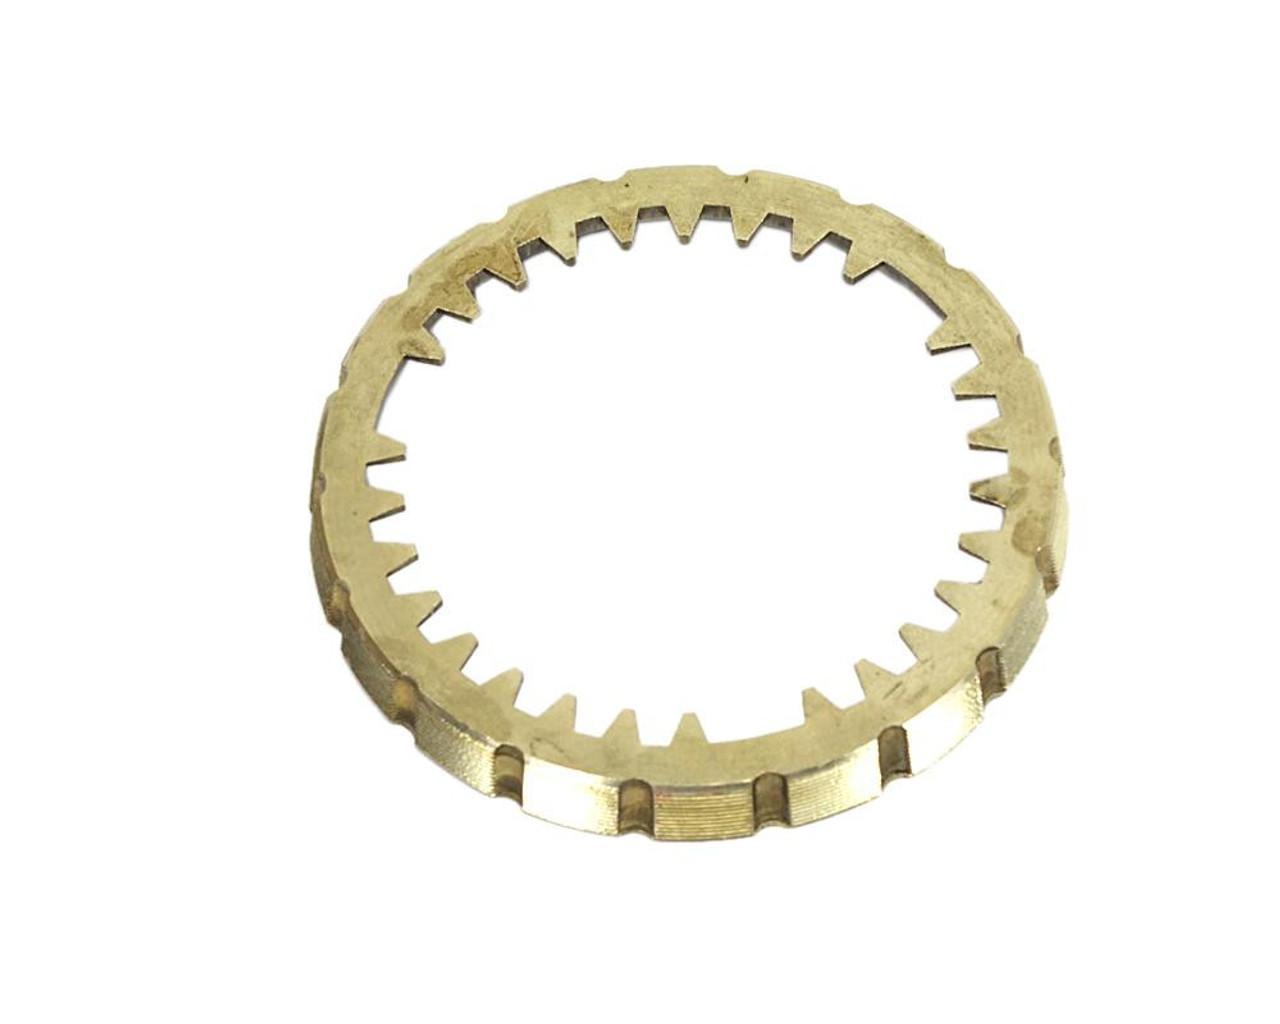 Transmission Synchronizer Ring - 1/2 or 3/4